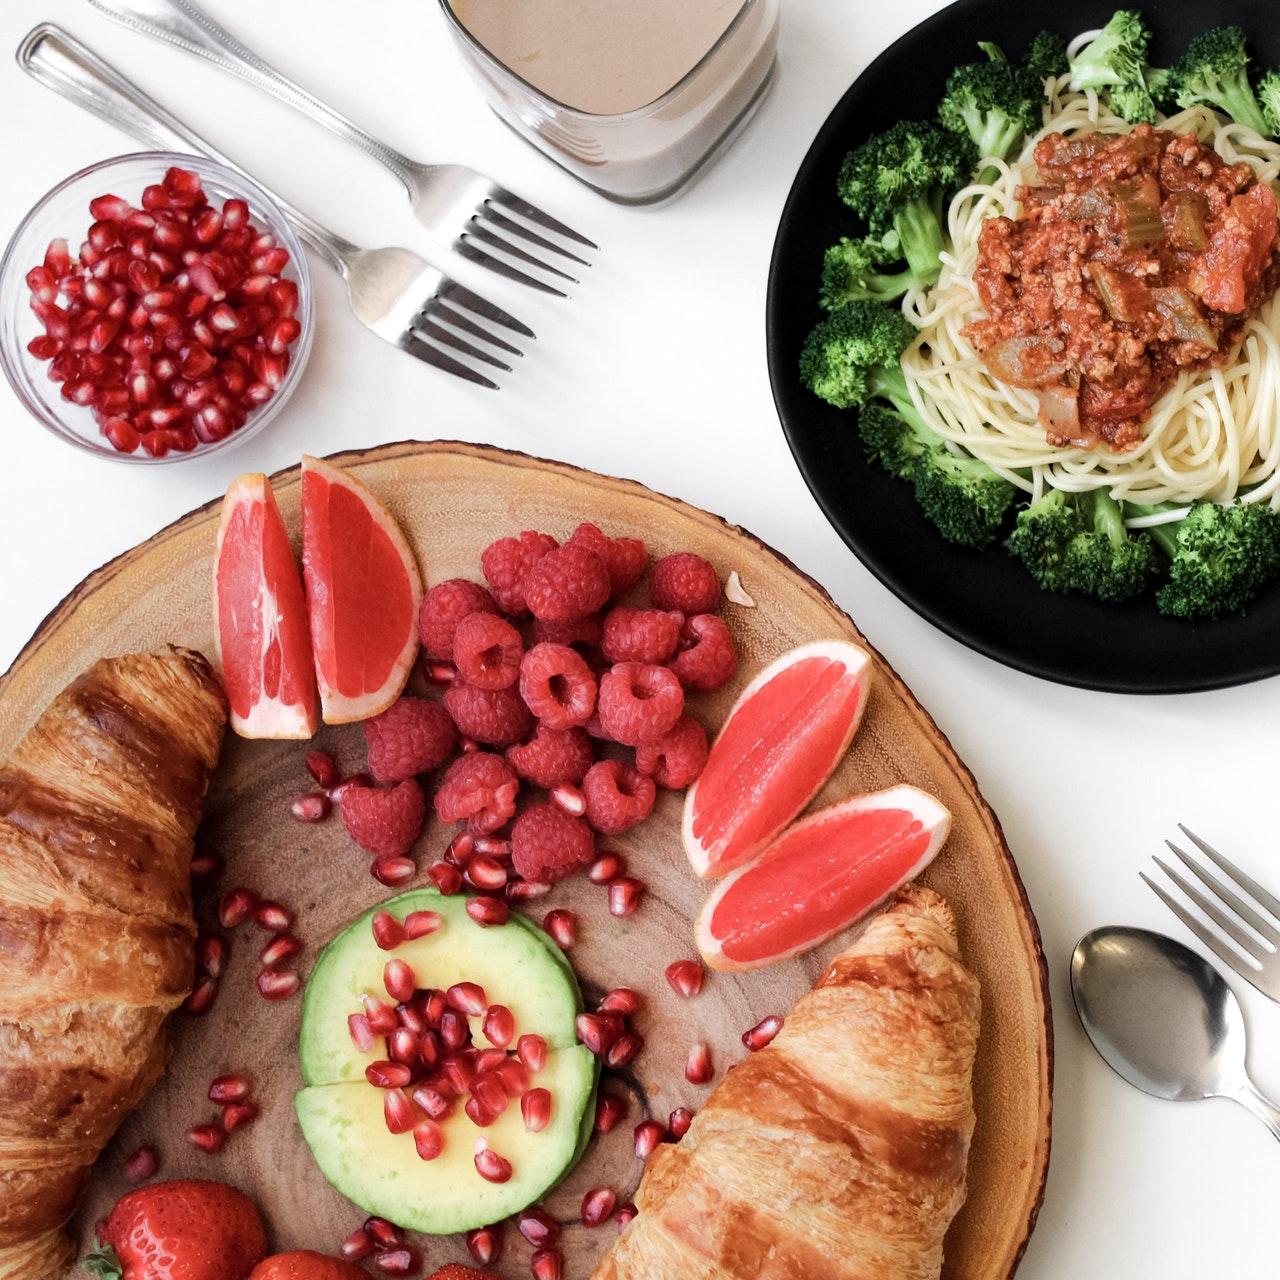 Похудеть без диет: три шага к идеальному меню